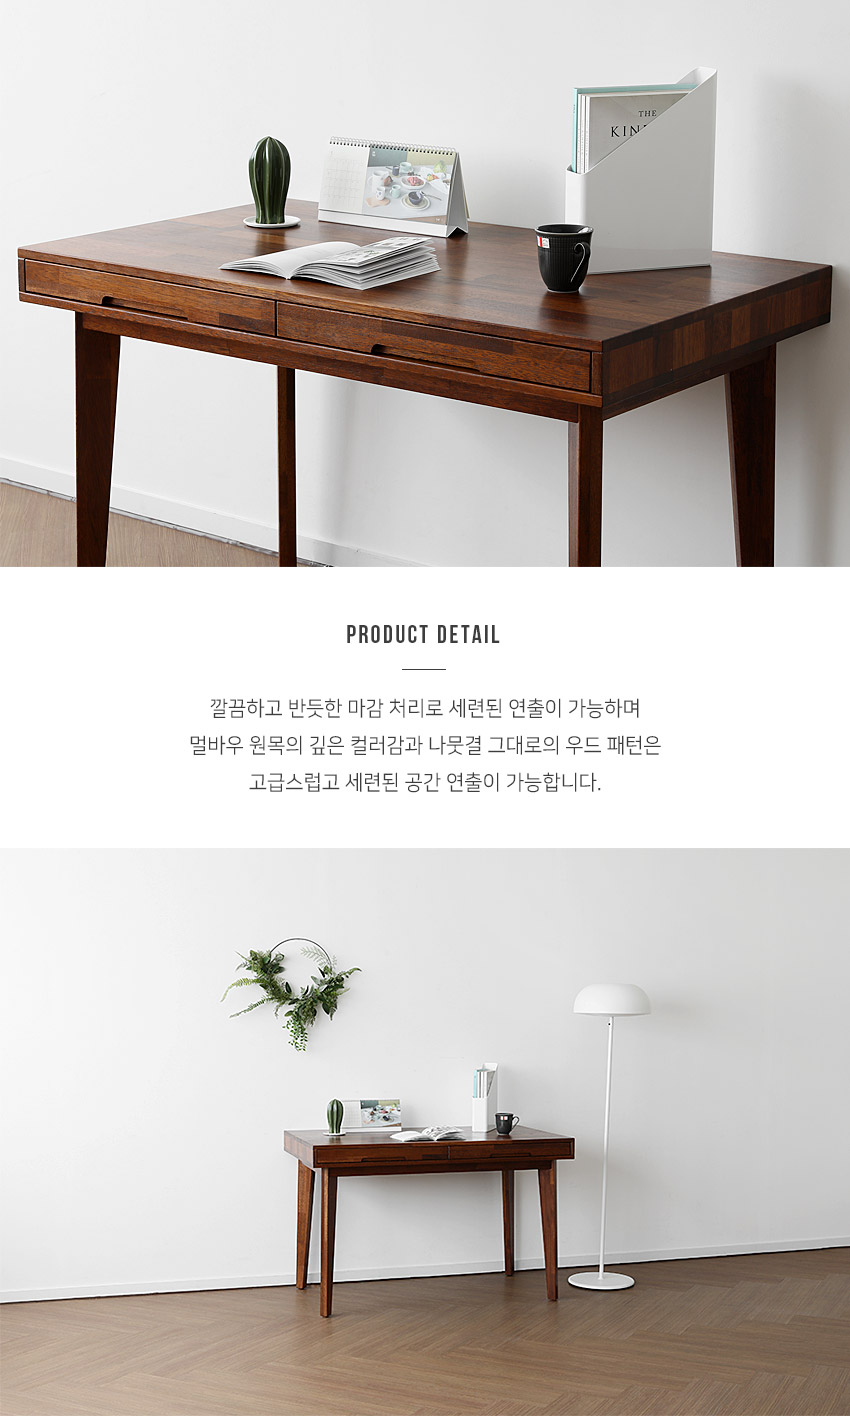 [크림슨] B형 책상/테이블 - 베이직컴퍼니, 1,070,000원, 책상/의자, 일반 책상